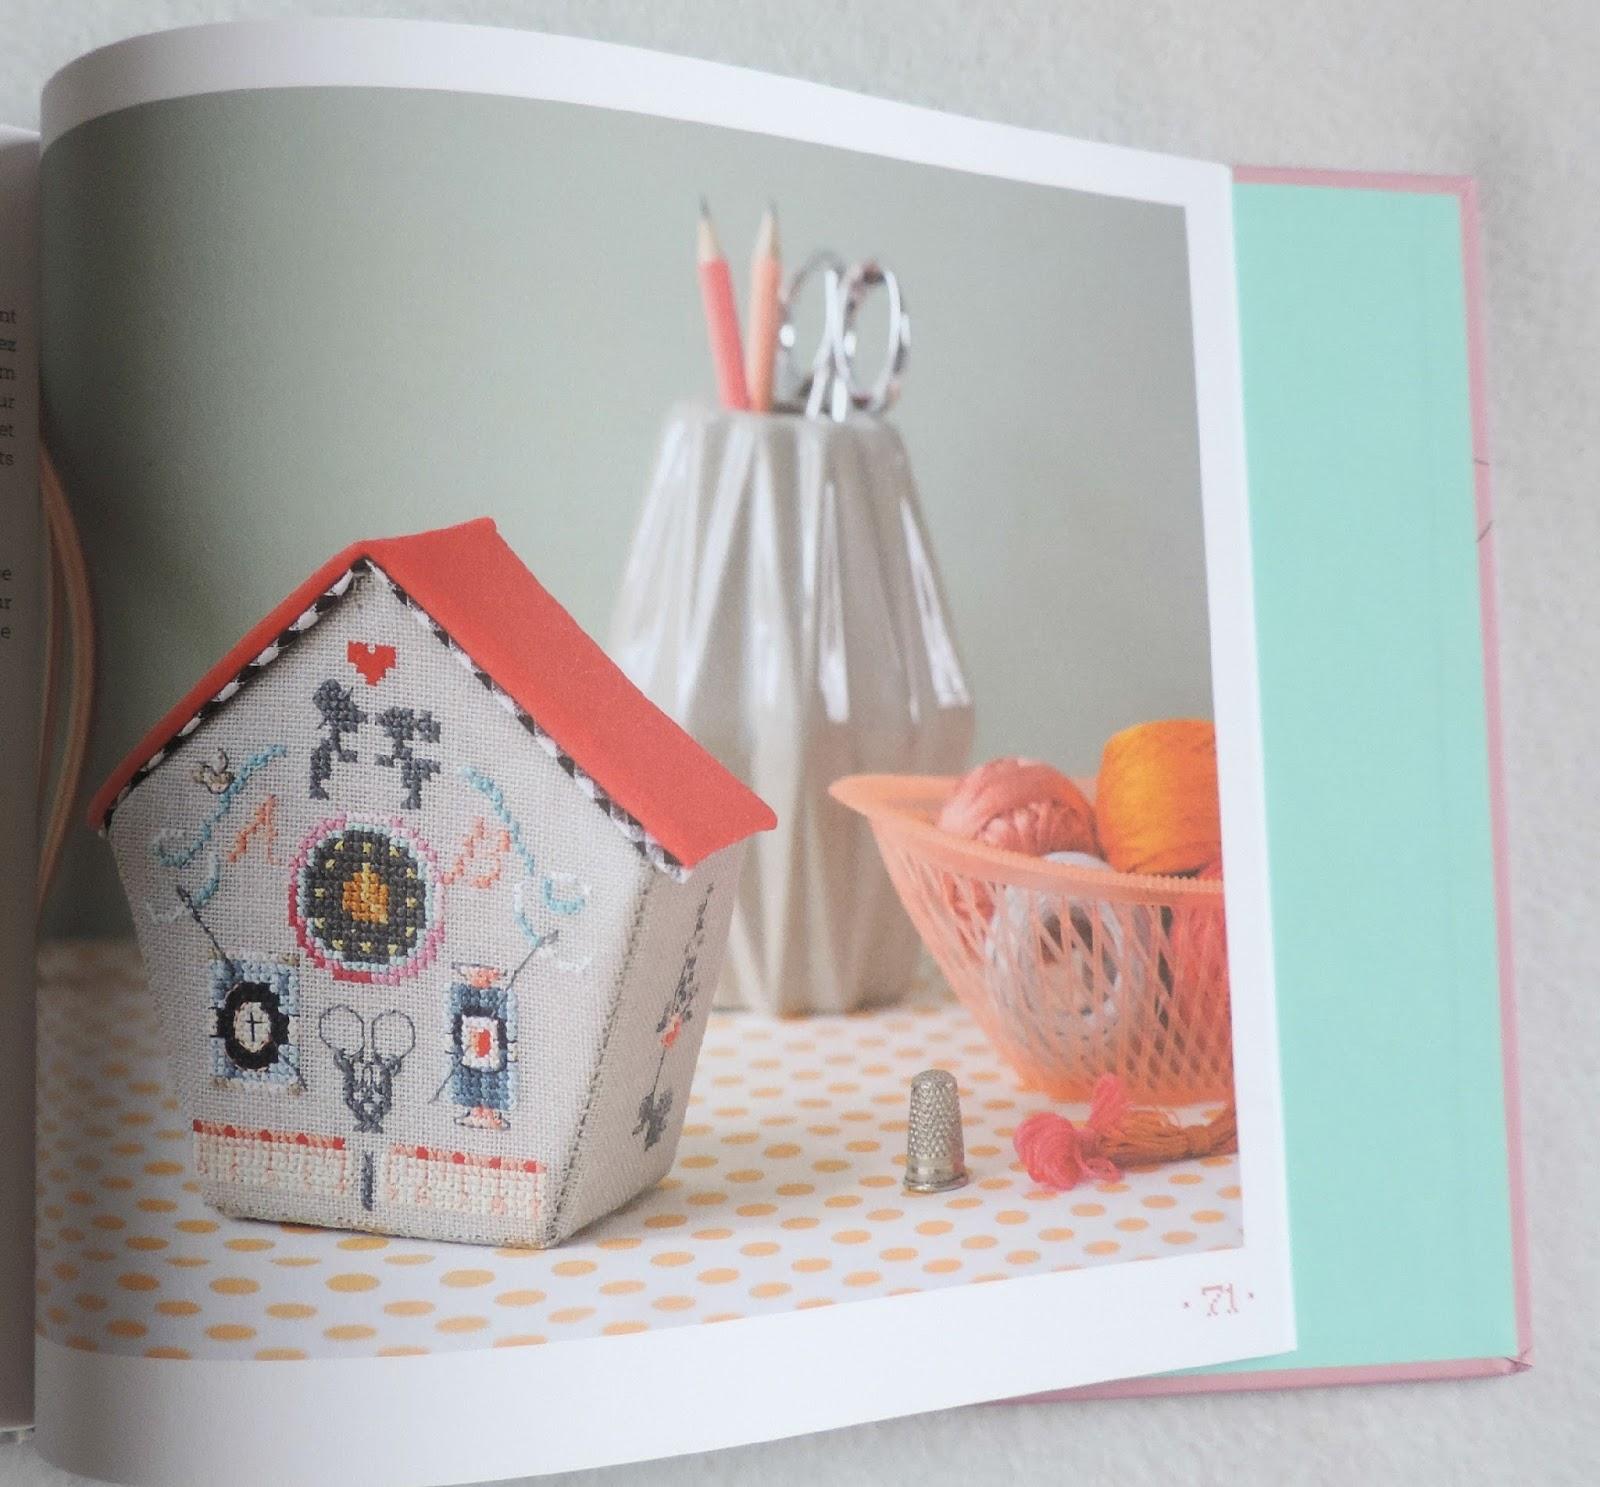 книга, домик, скворечник, вышивка, рукоделие, шитье,handmade,вышивкакрестиком,cross_stitch,crafts,схемы,Helene_Le_Berre